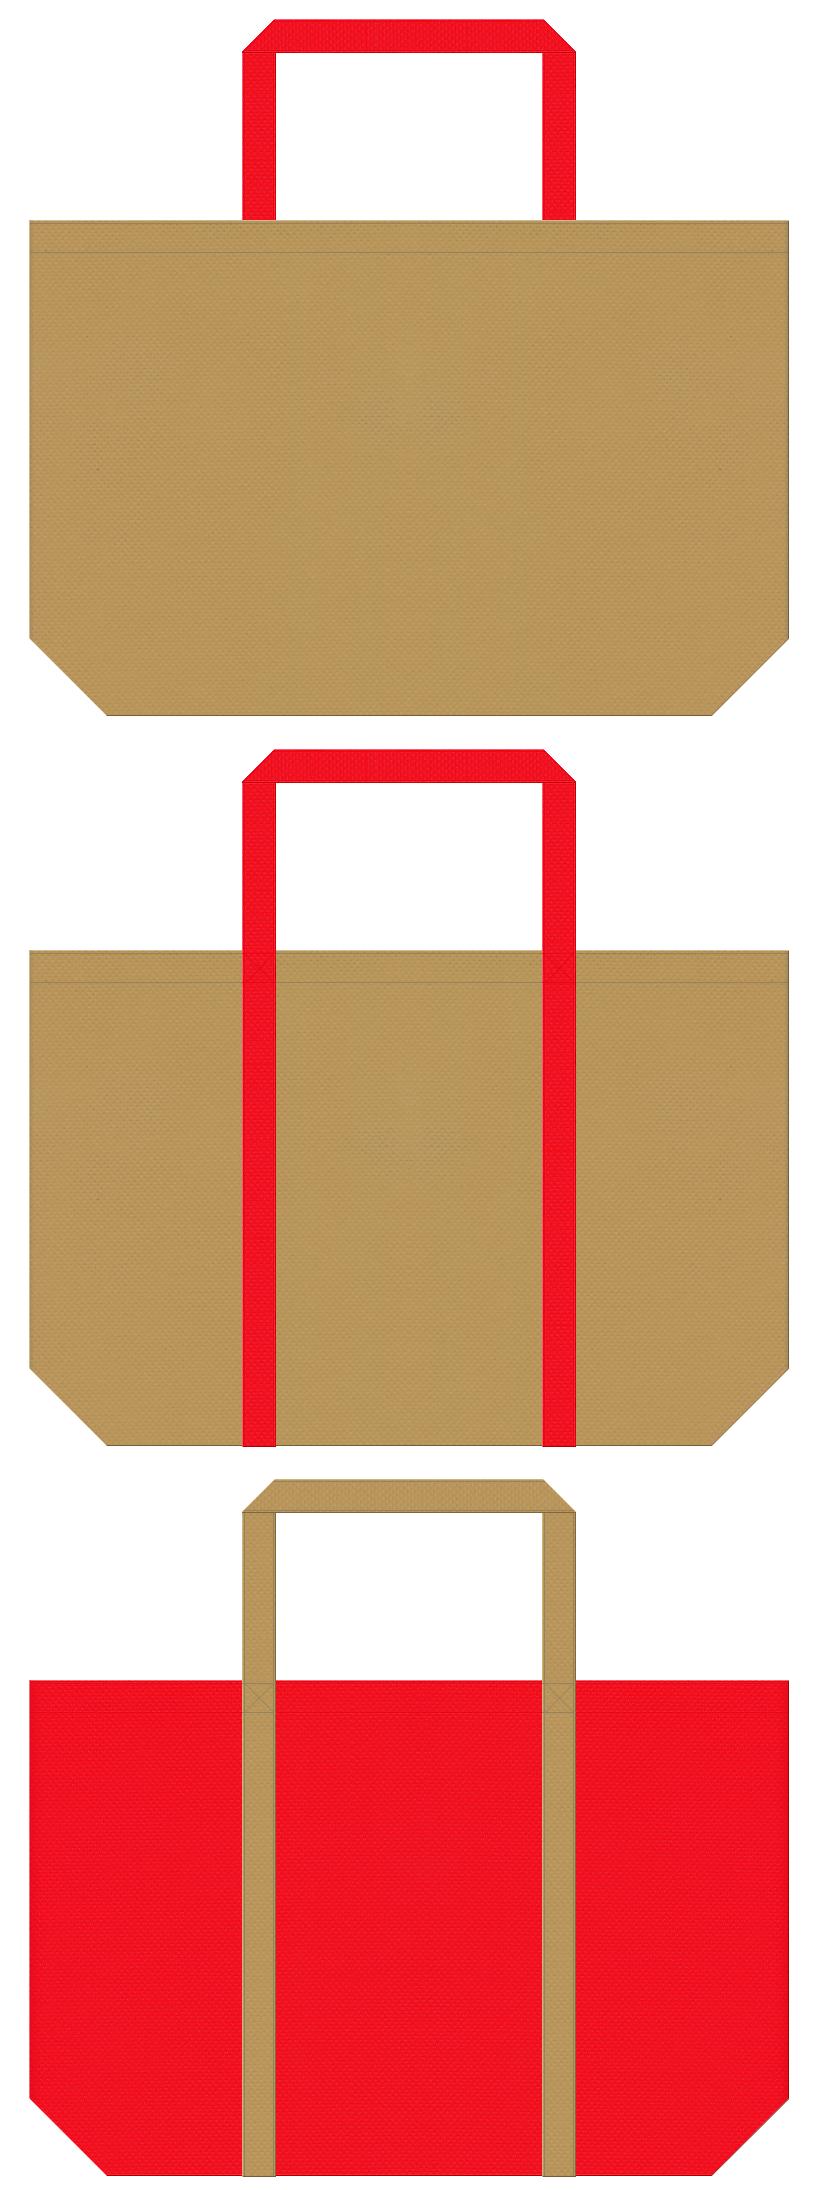 金色系黄土色と赤色の不織布ショッピングバッグデザイン。